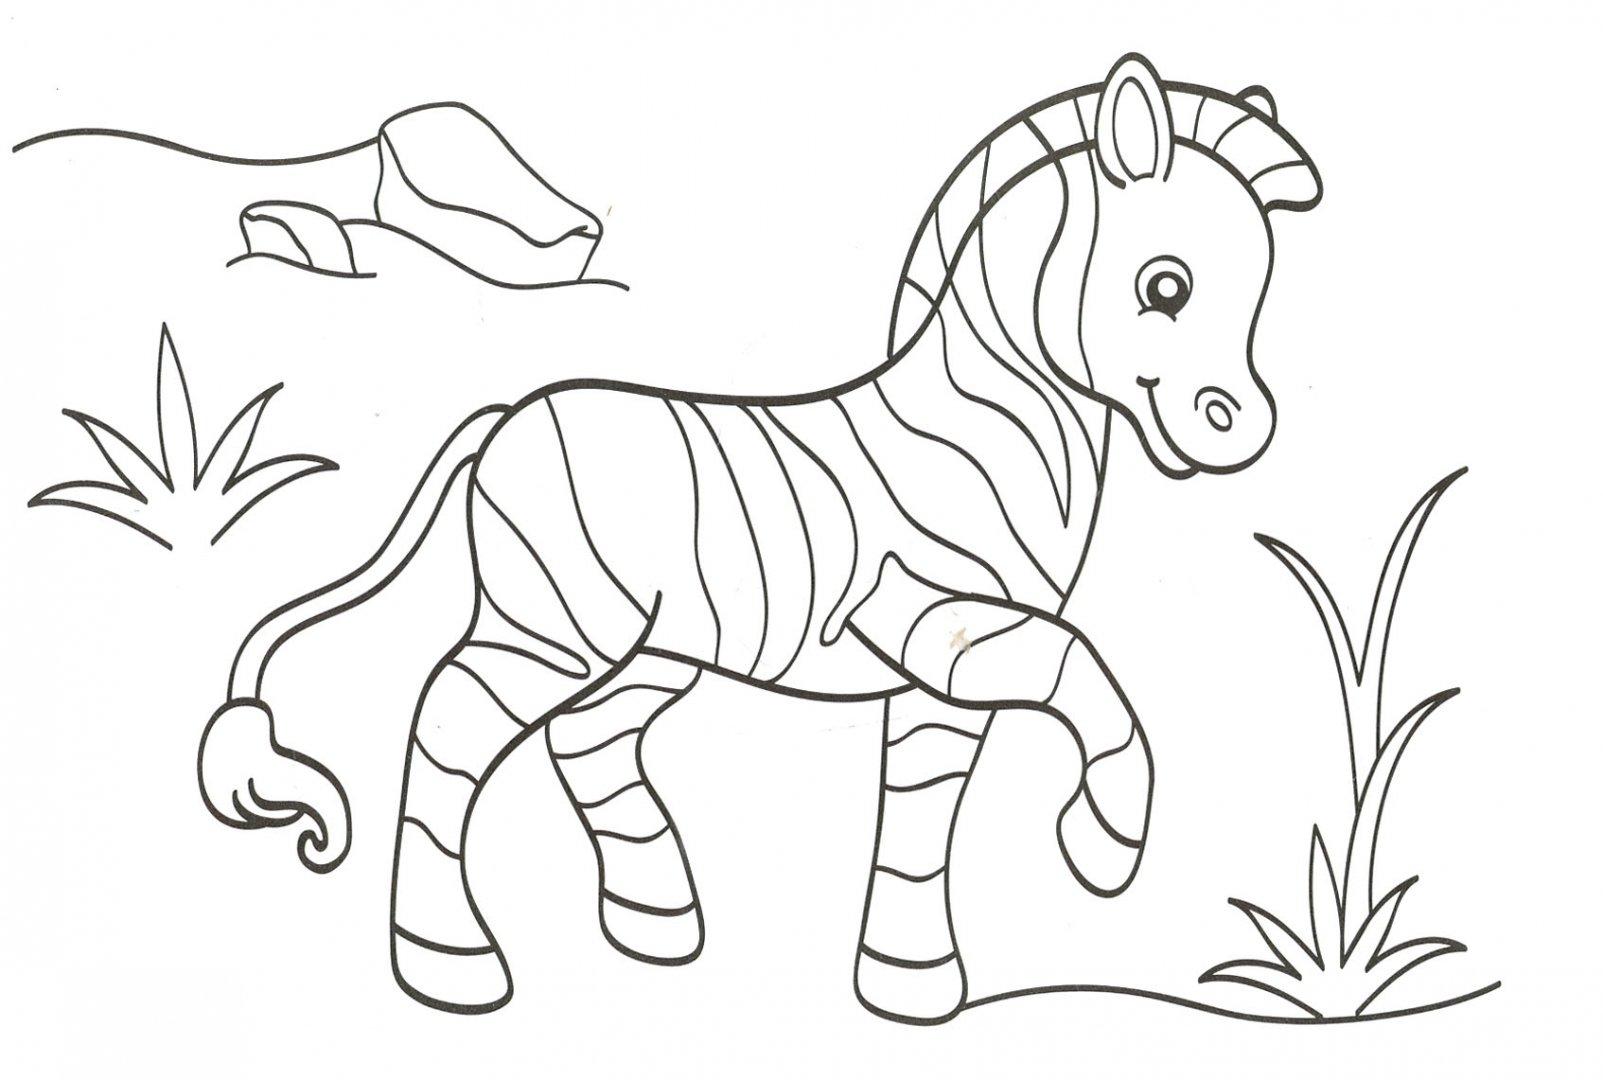 должен находиться раскраски с картинками животных изобразим